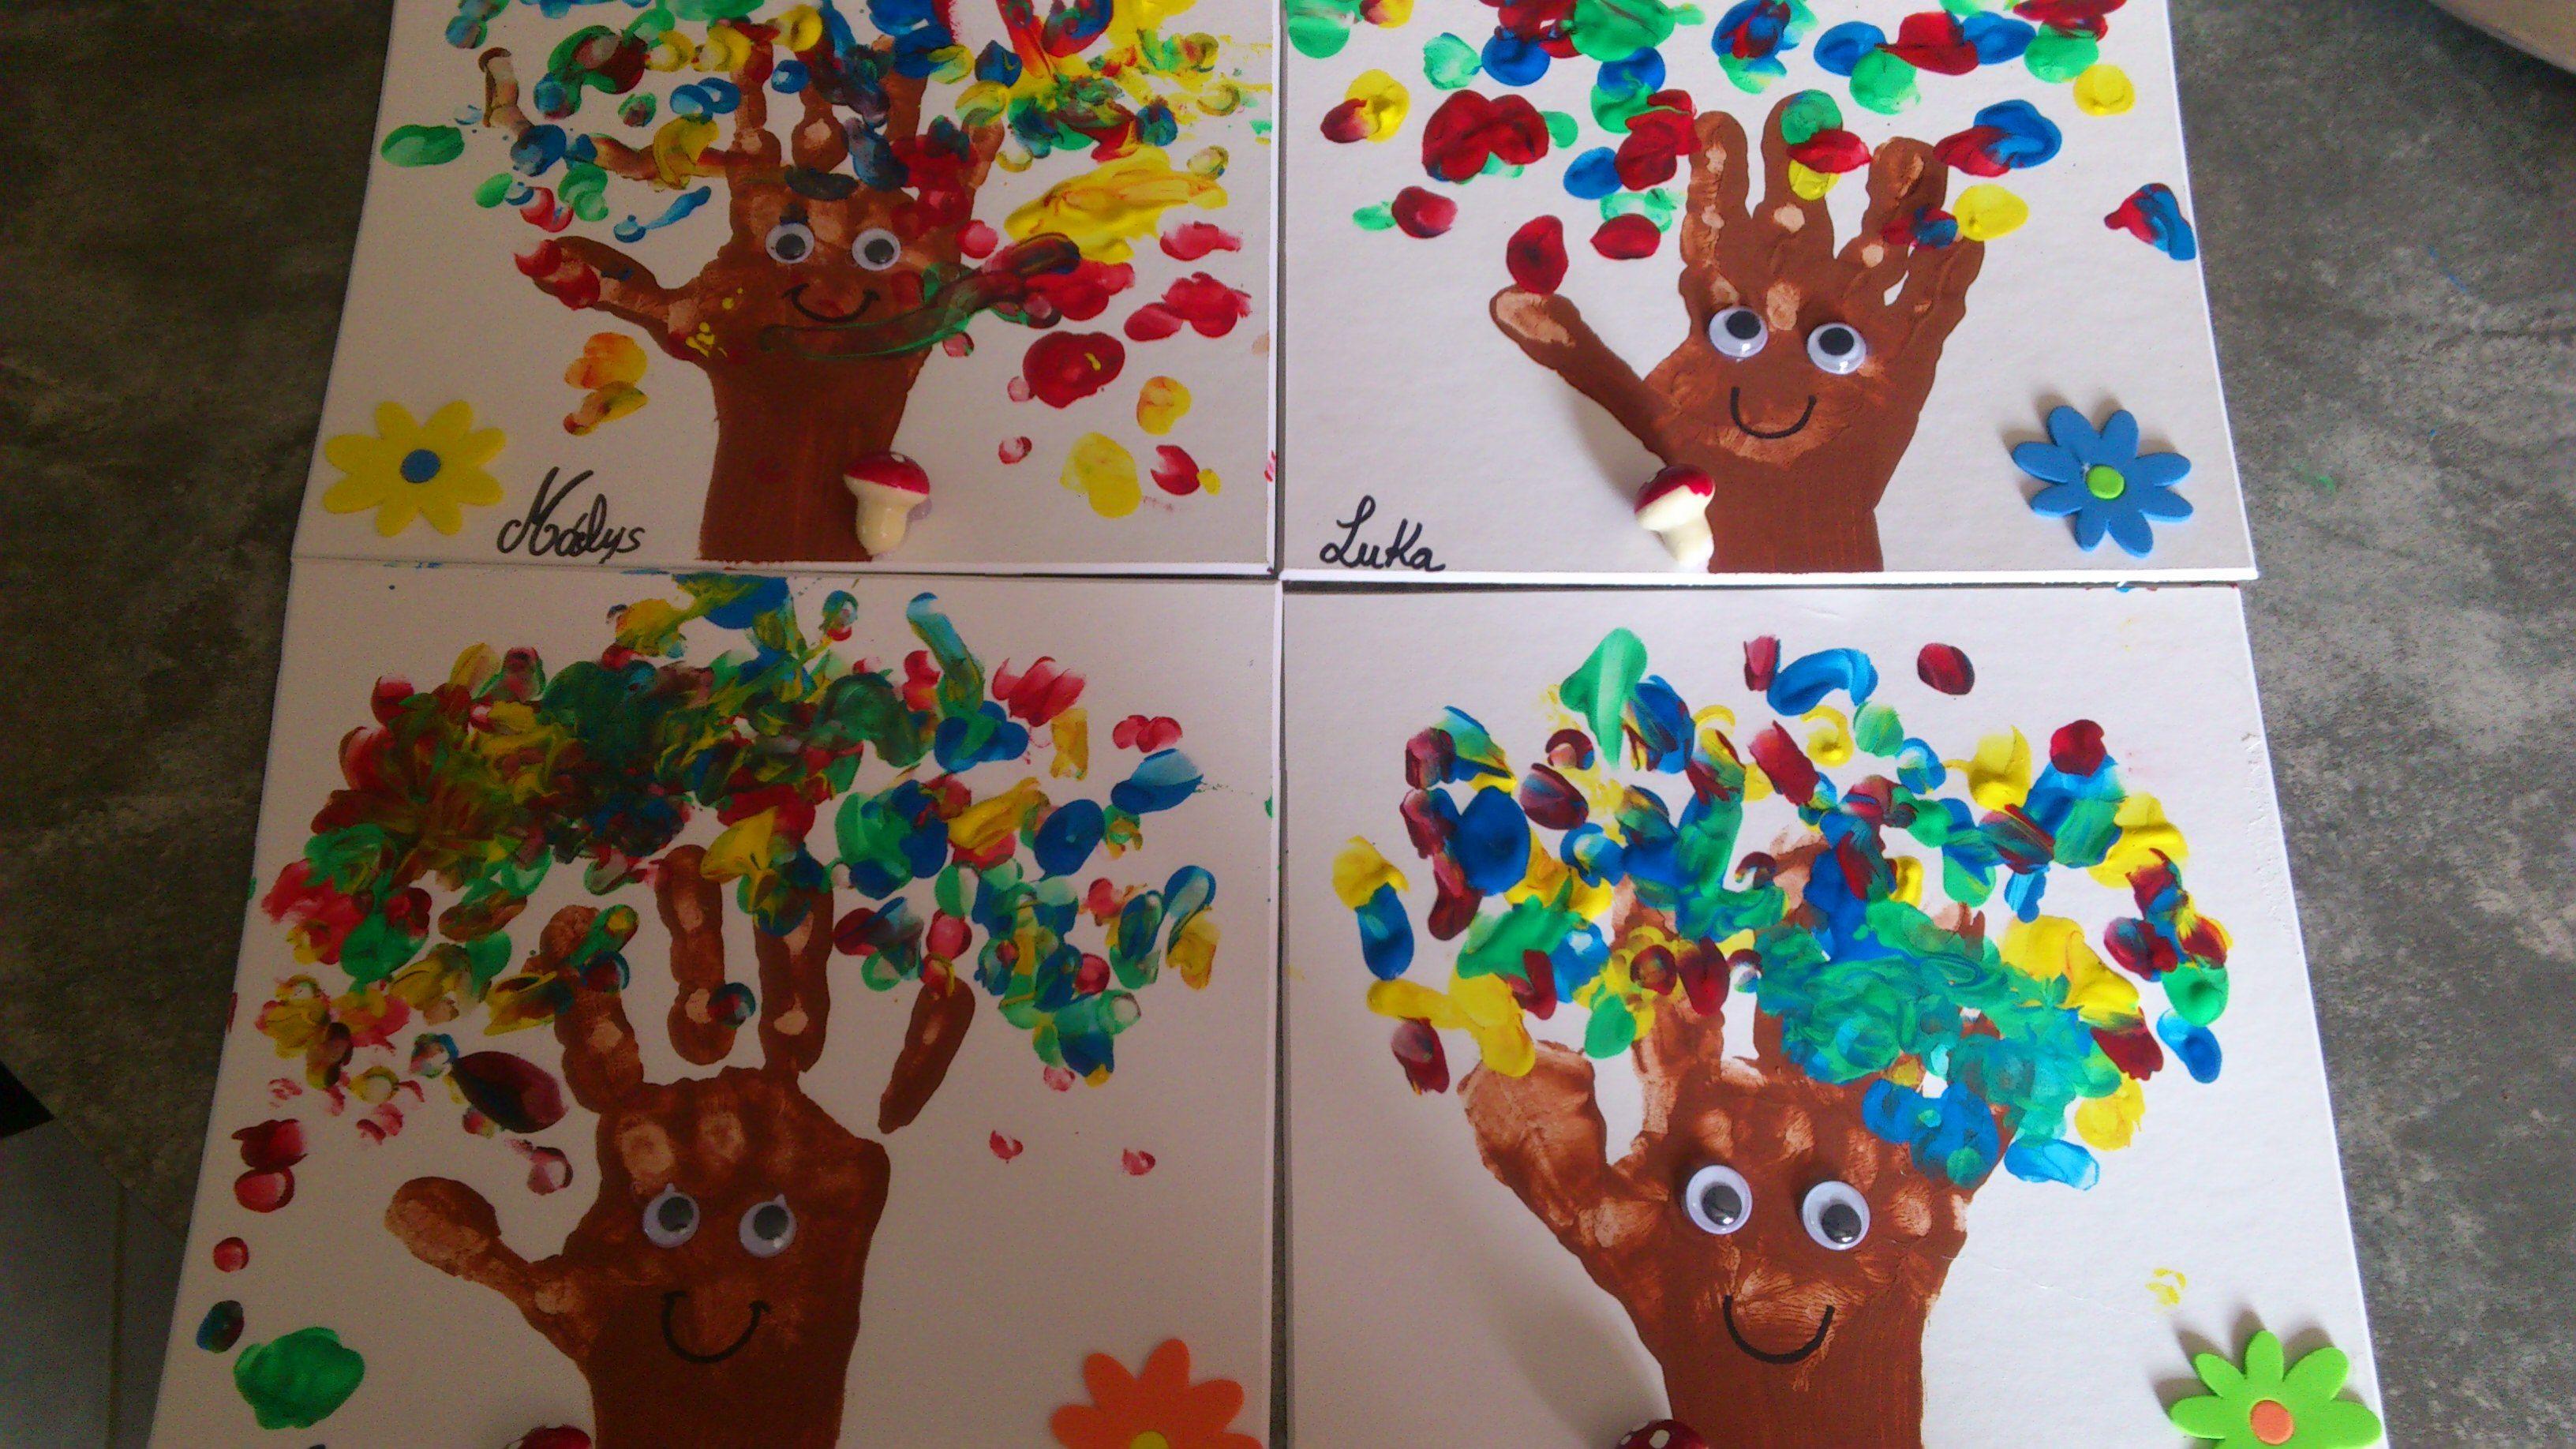 La main de l'enfant représente le tronc de l'arbre et ils ont fait l